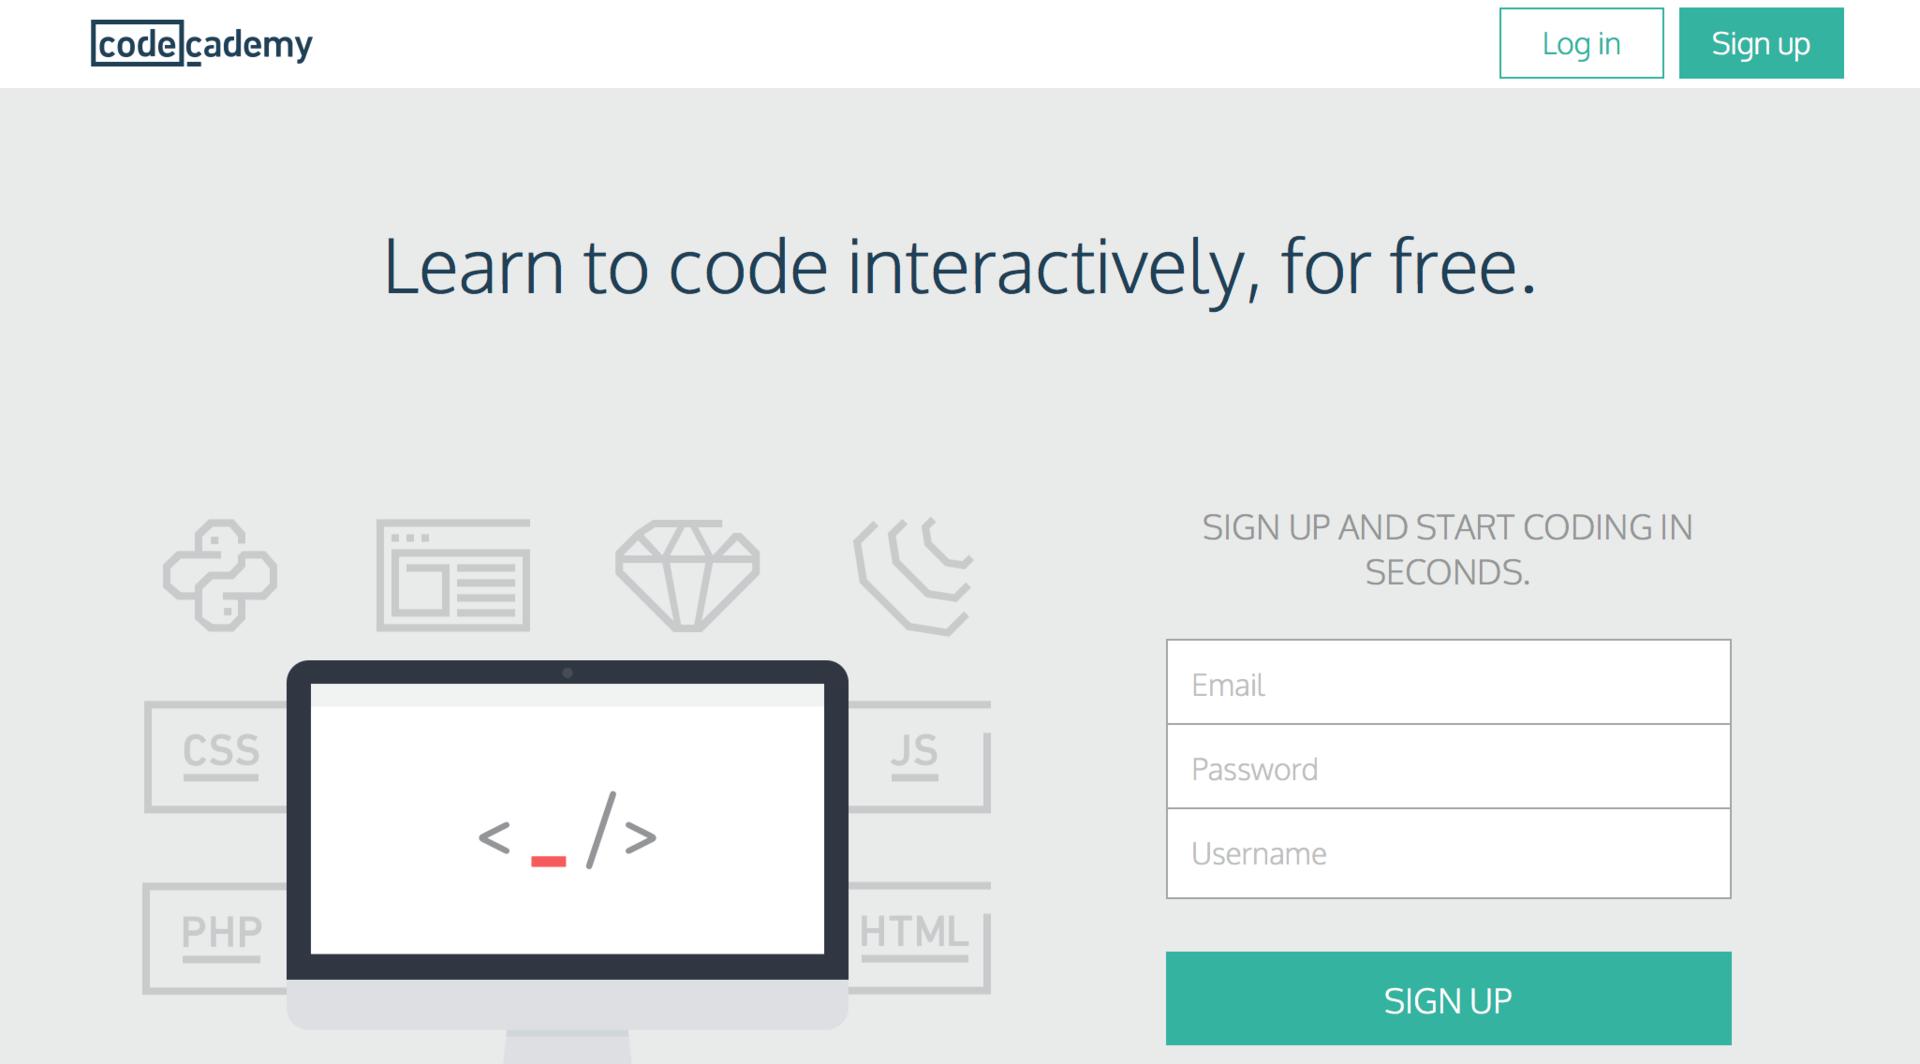 обучение программированию с нуля бесплатно онлайн